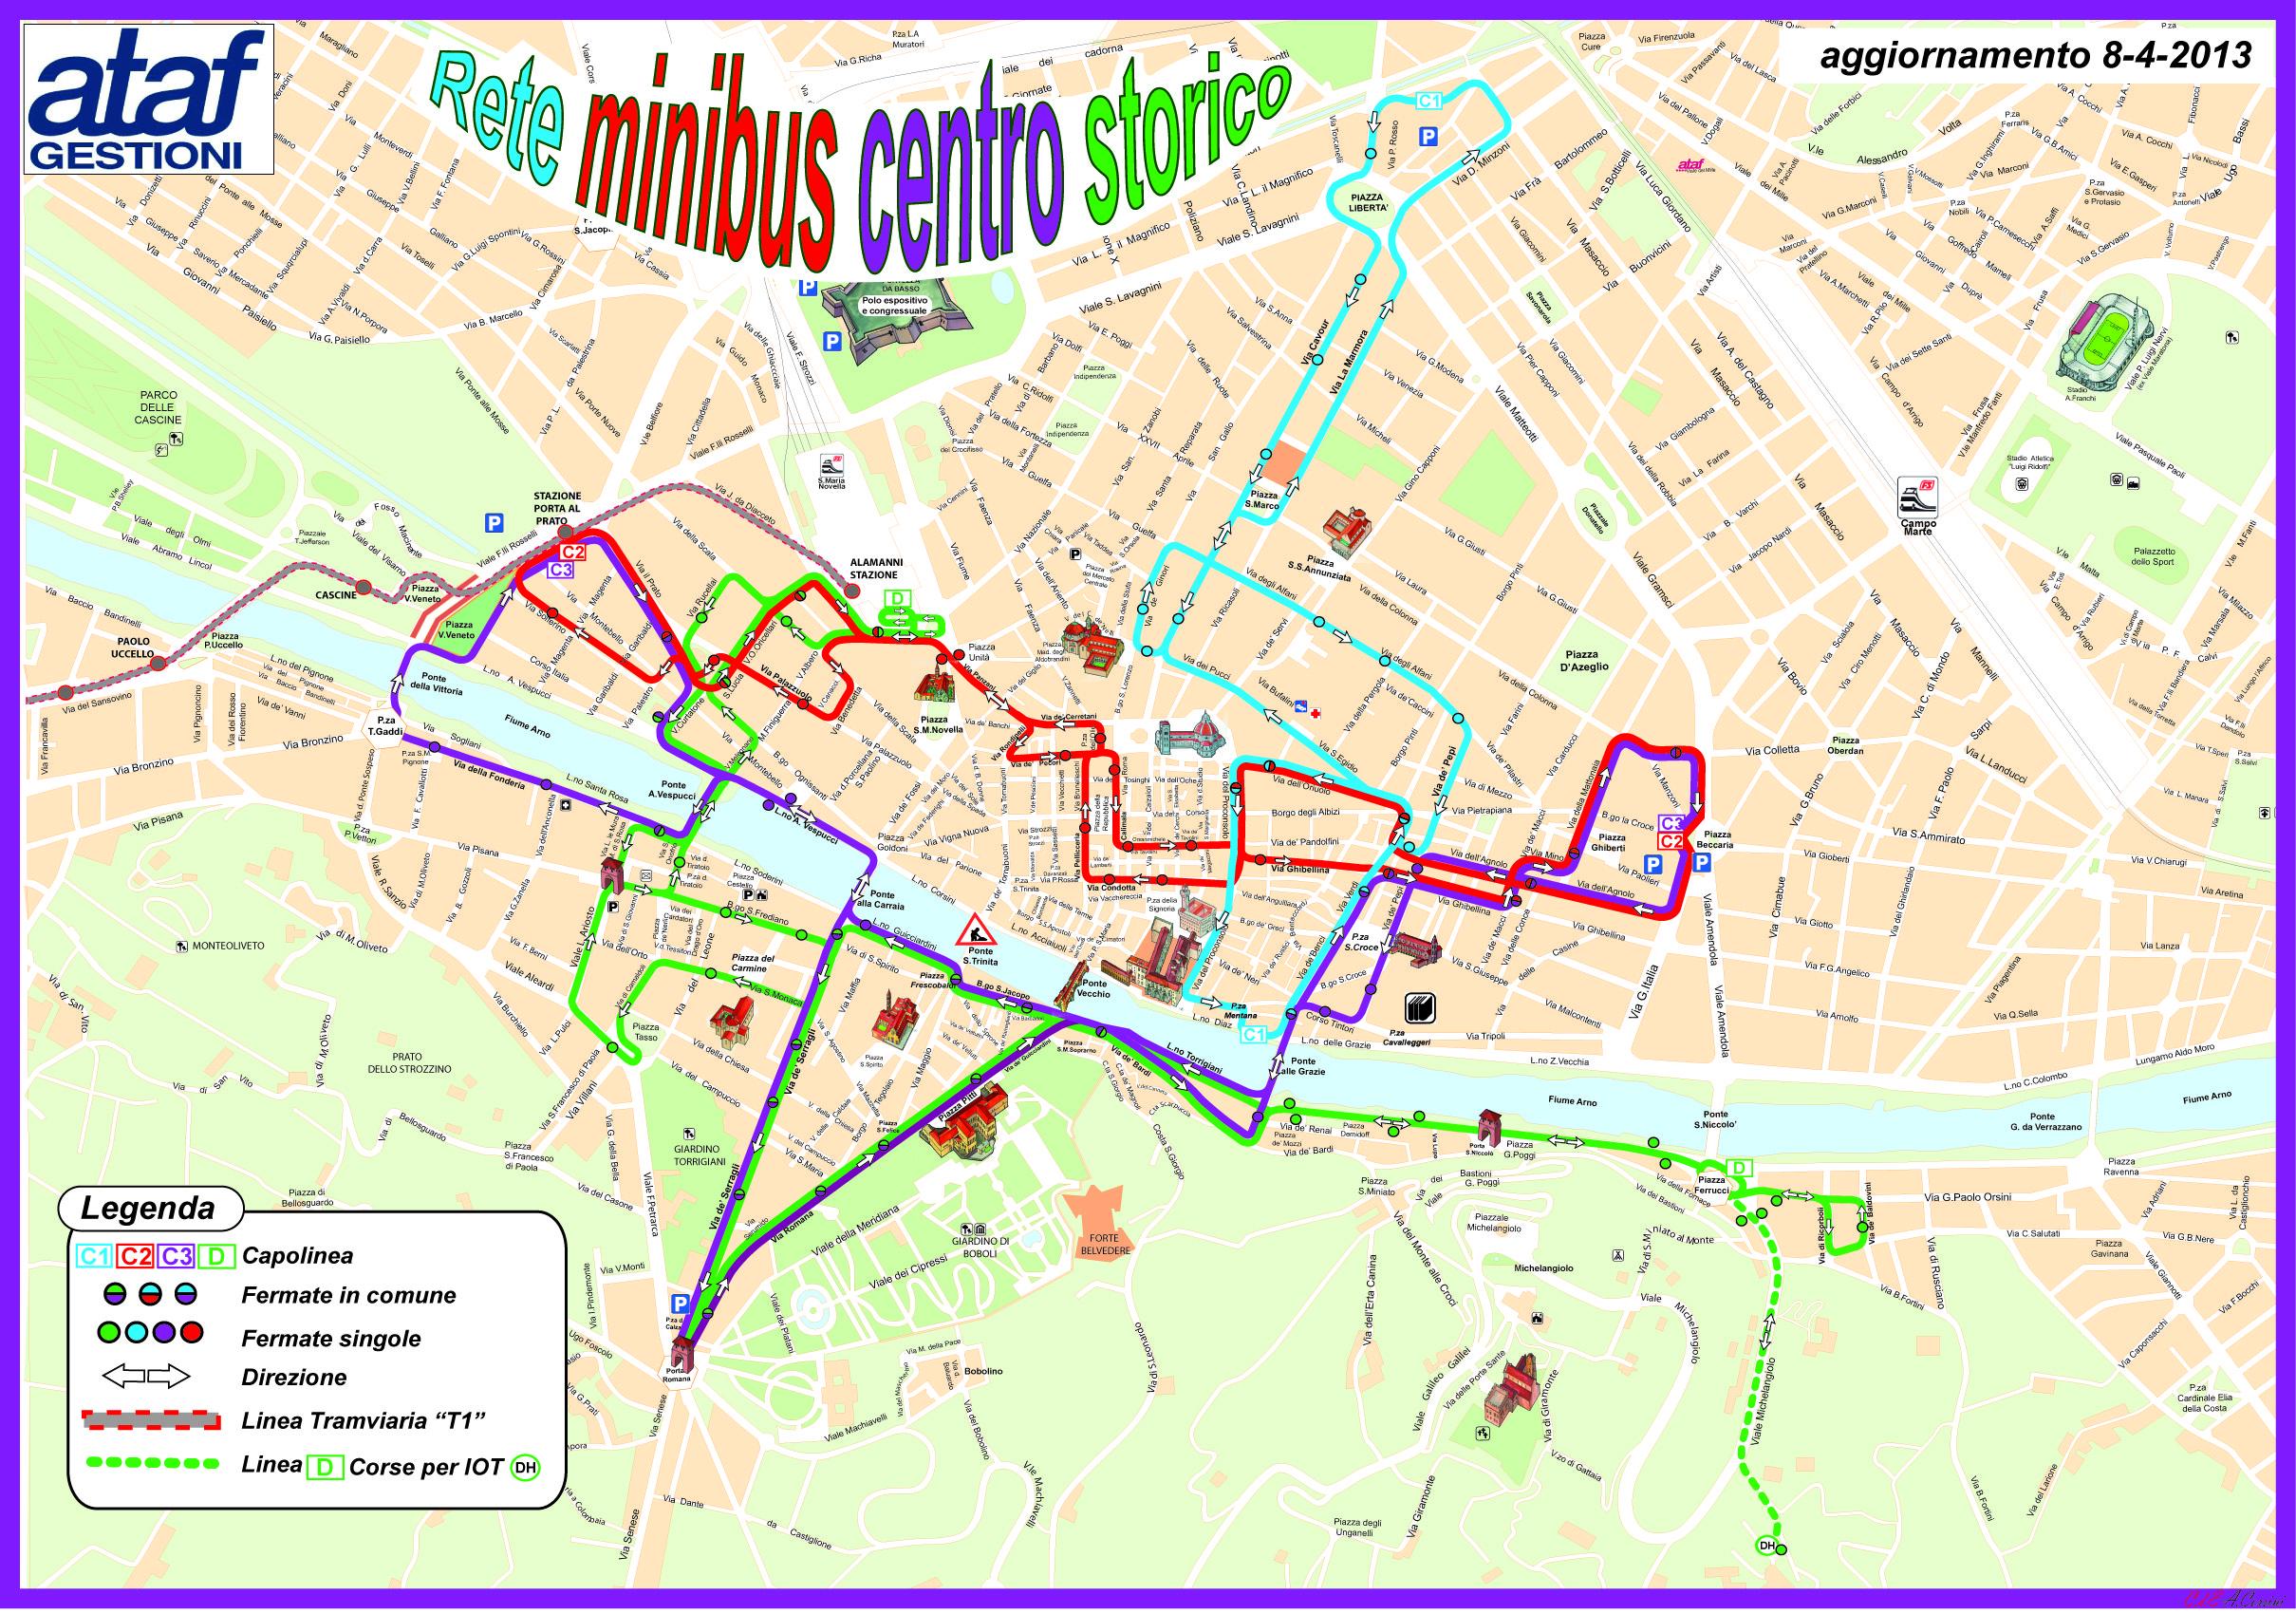 Флоренция_схема автобусных маршрутов по историческому центру города